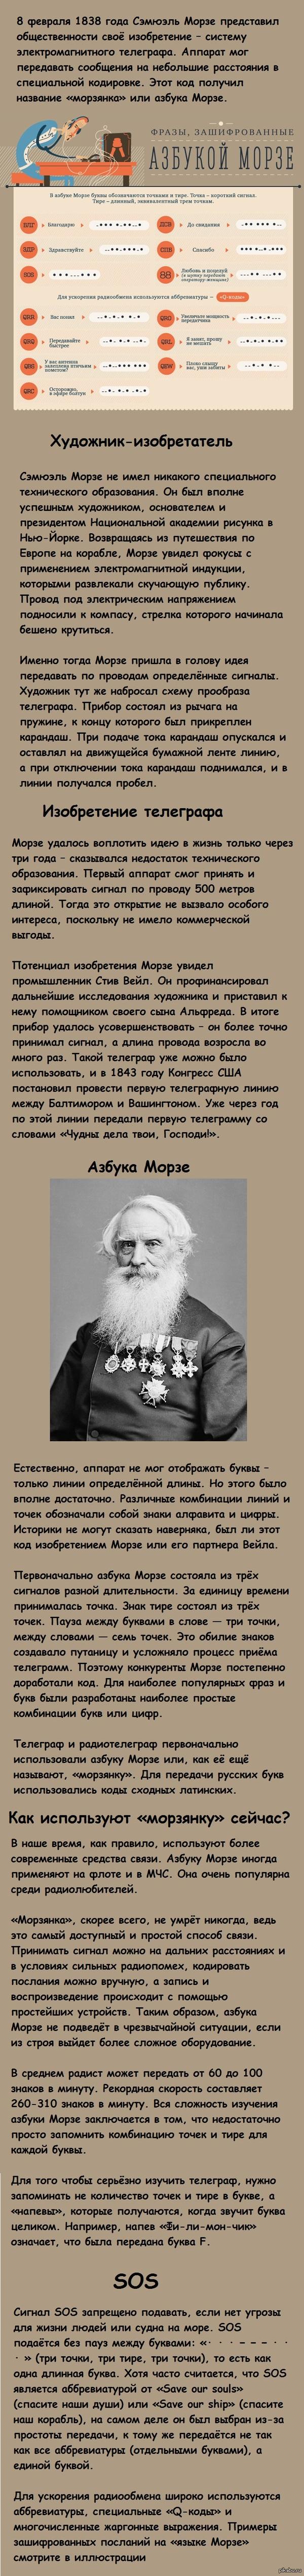 Что такое азбука Морзе и для чего она нужна?